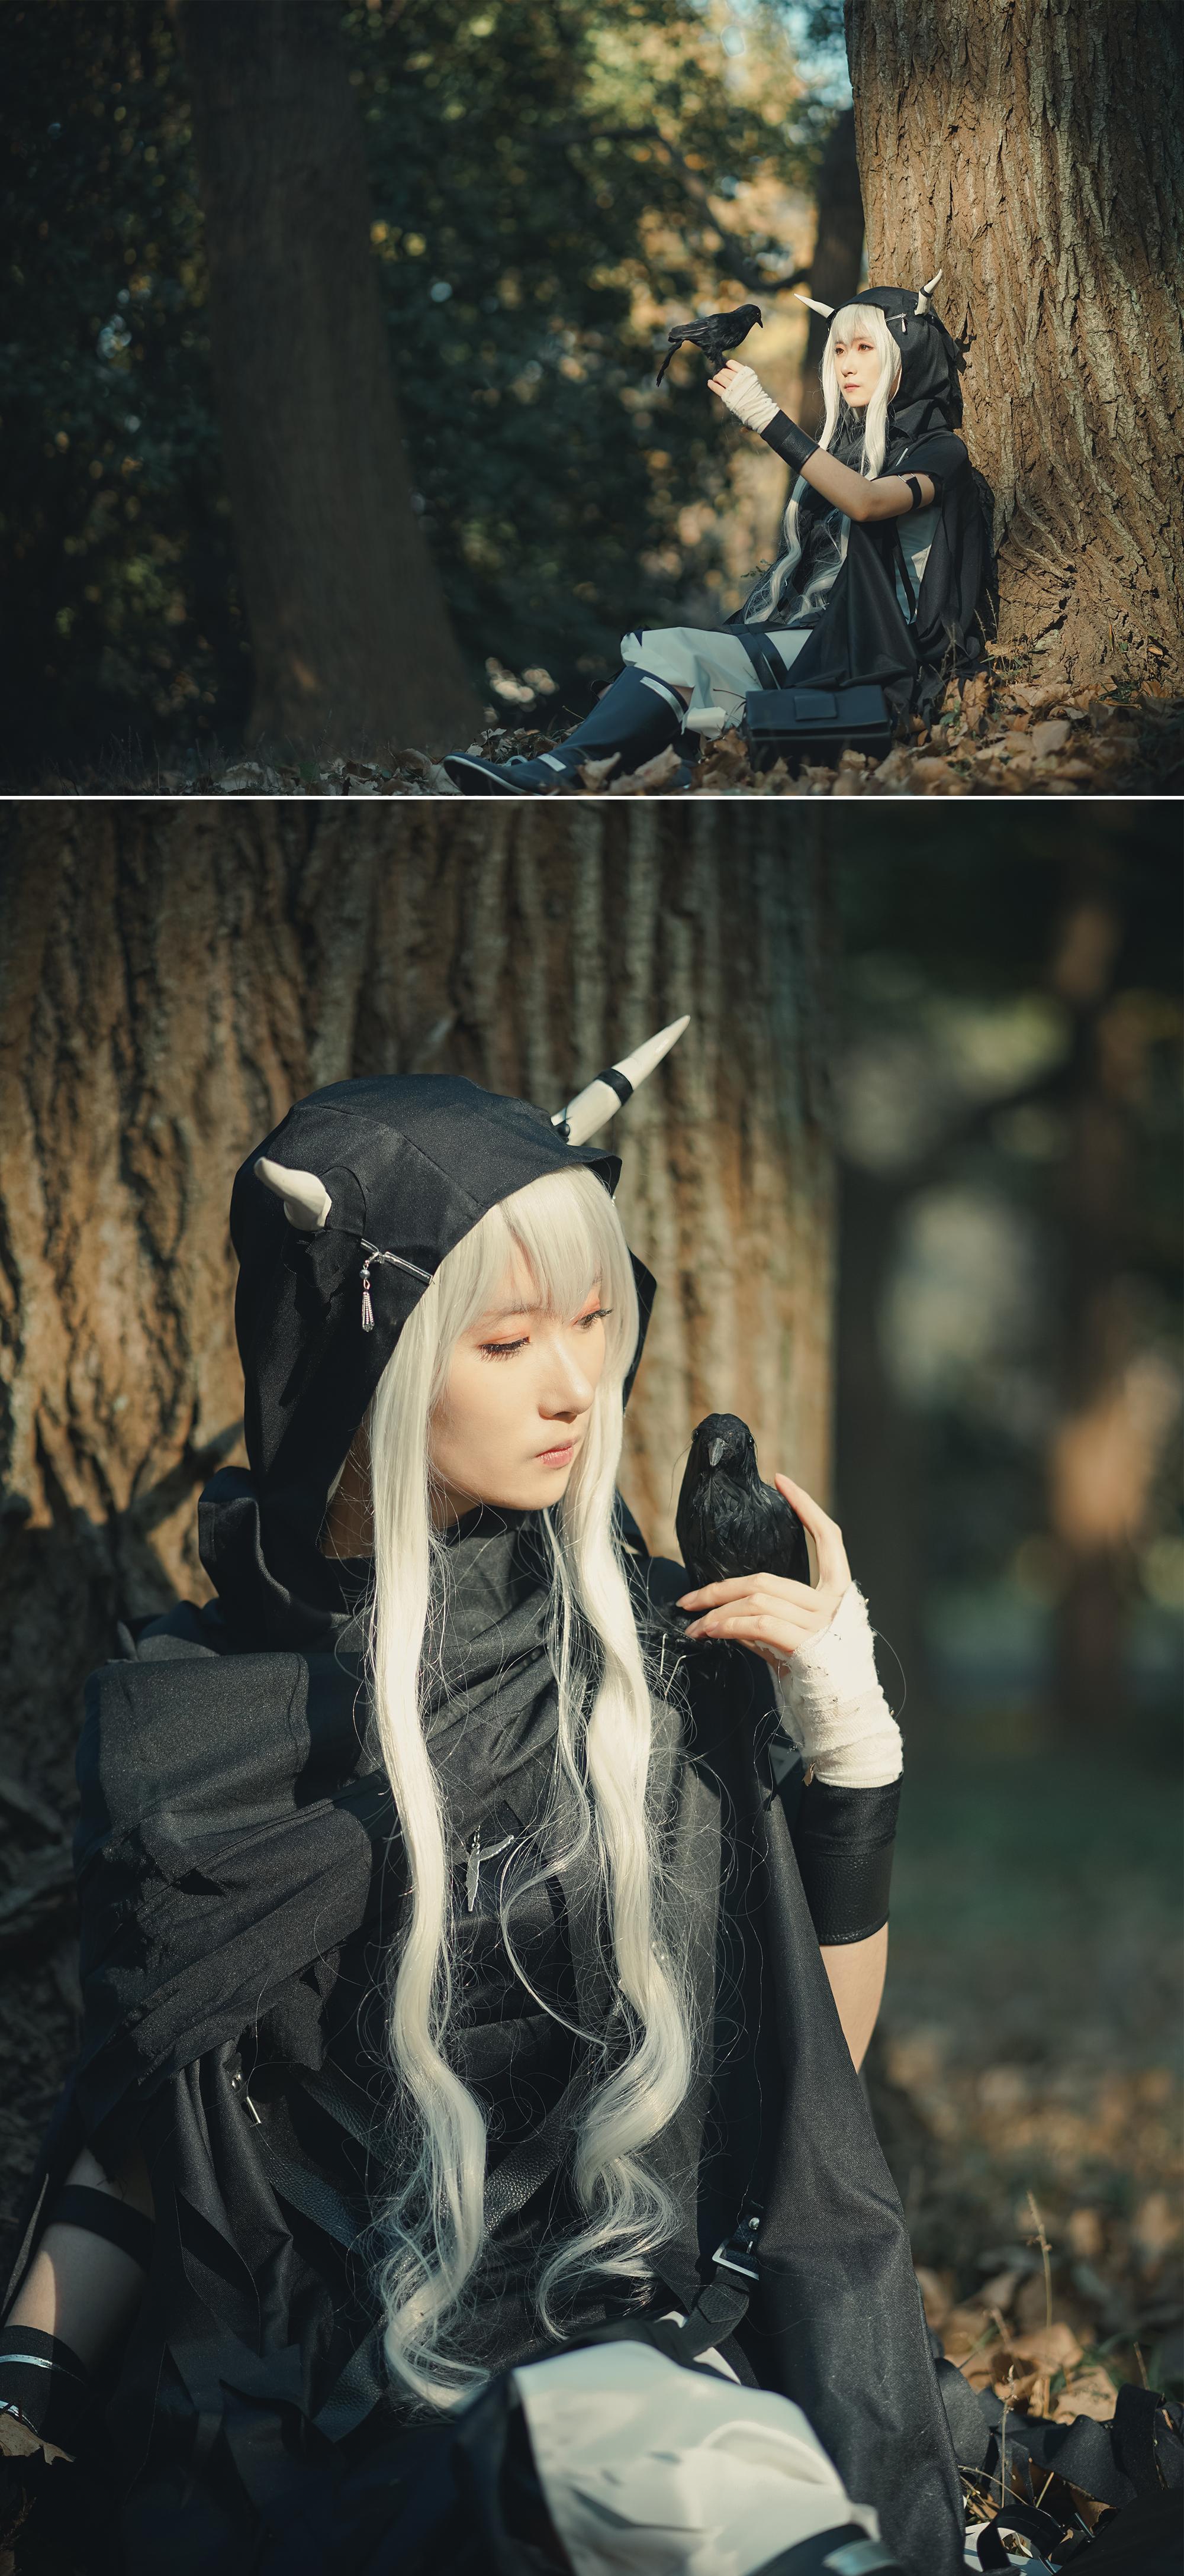 《闪灵》明日方舟闪灵cosplay【CN:Ashy咲惜】-第3张